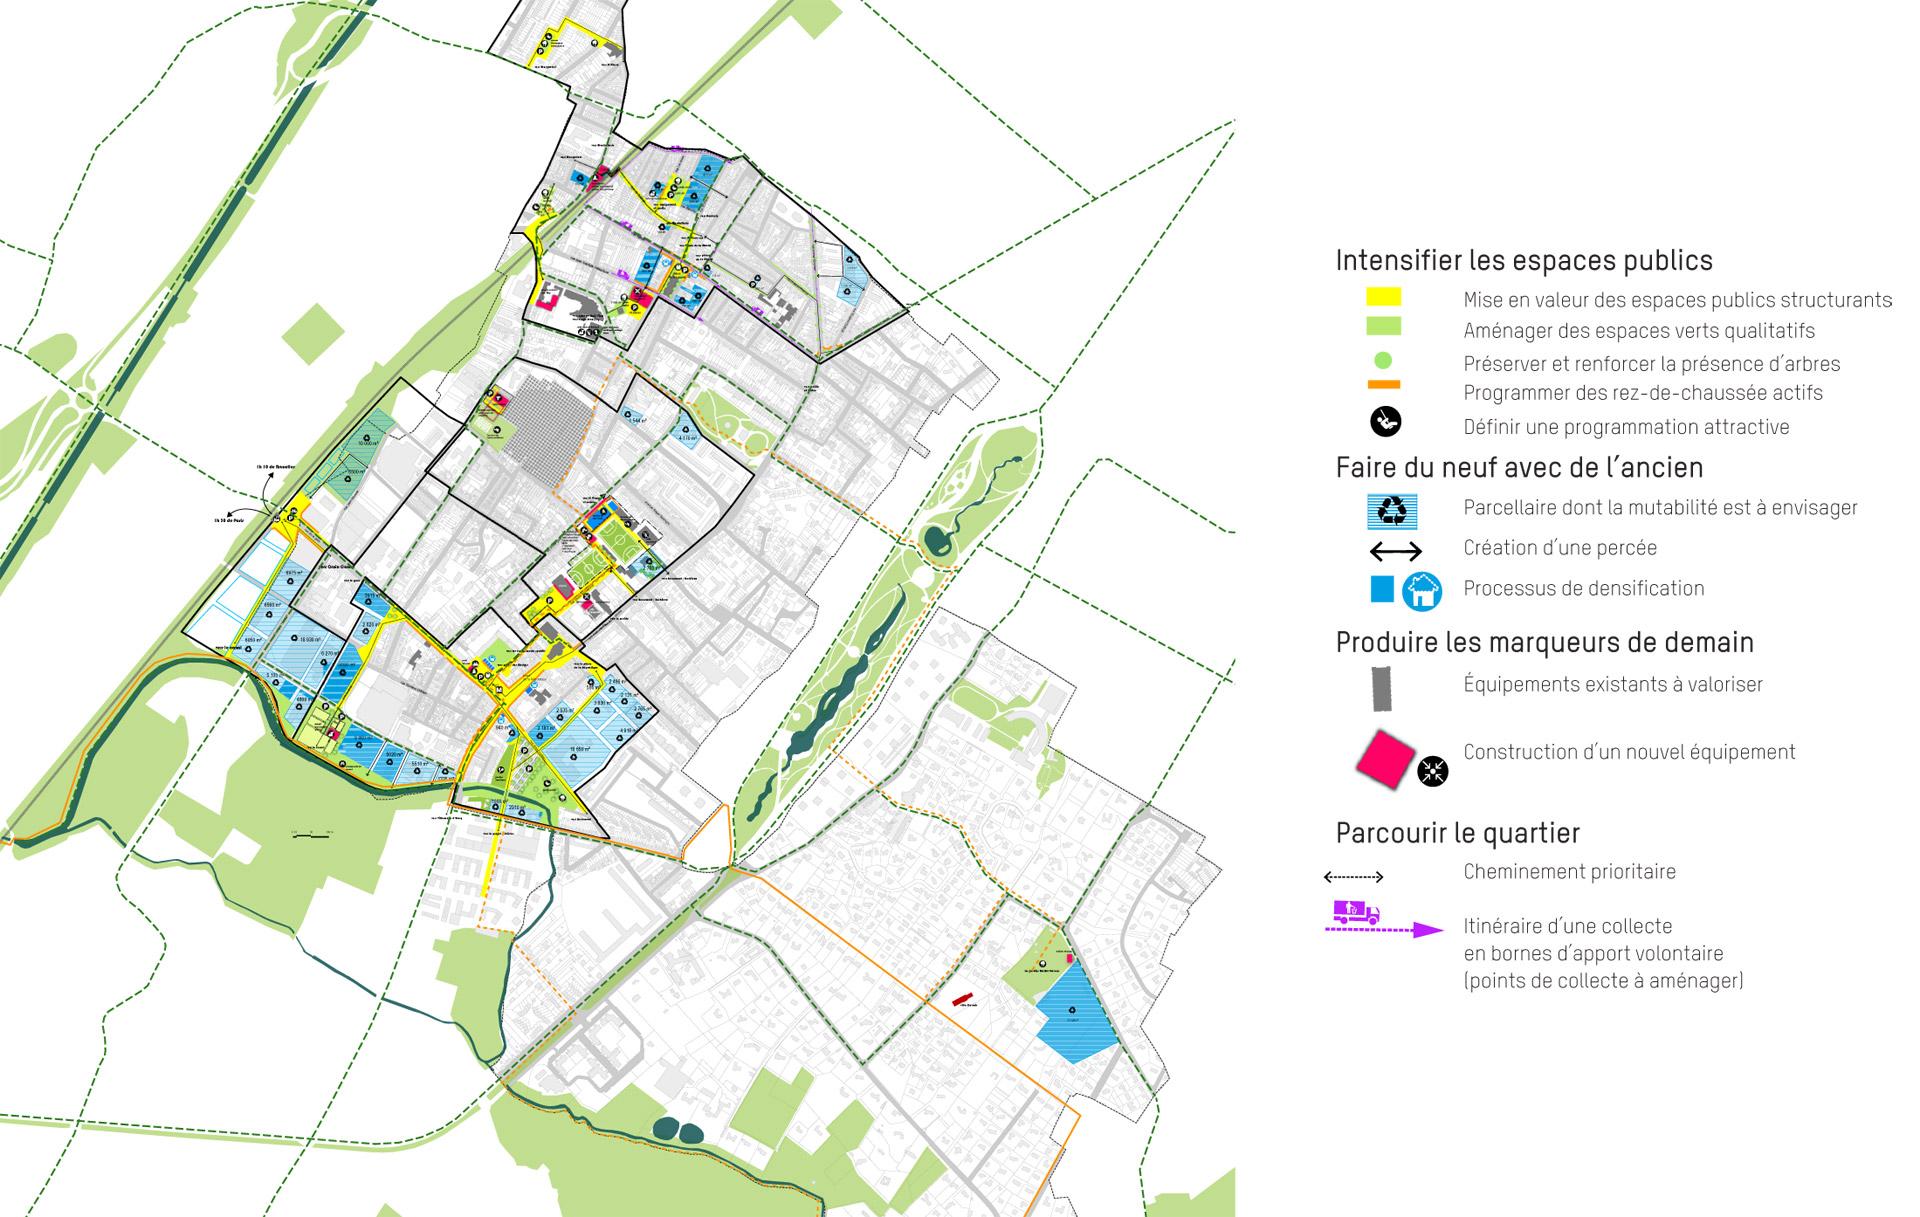 Croix-ville-et-metropole-4